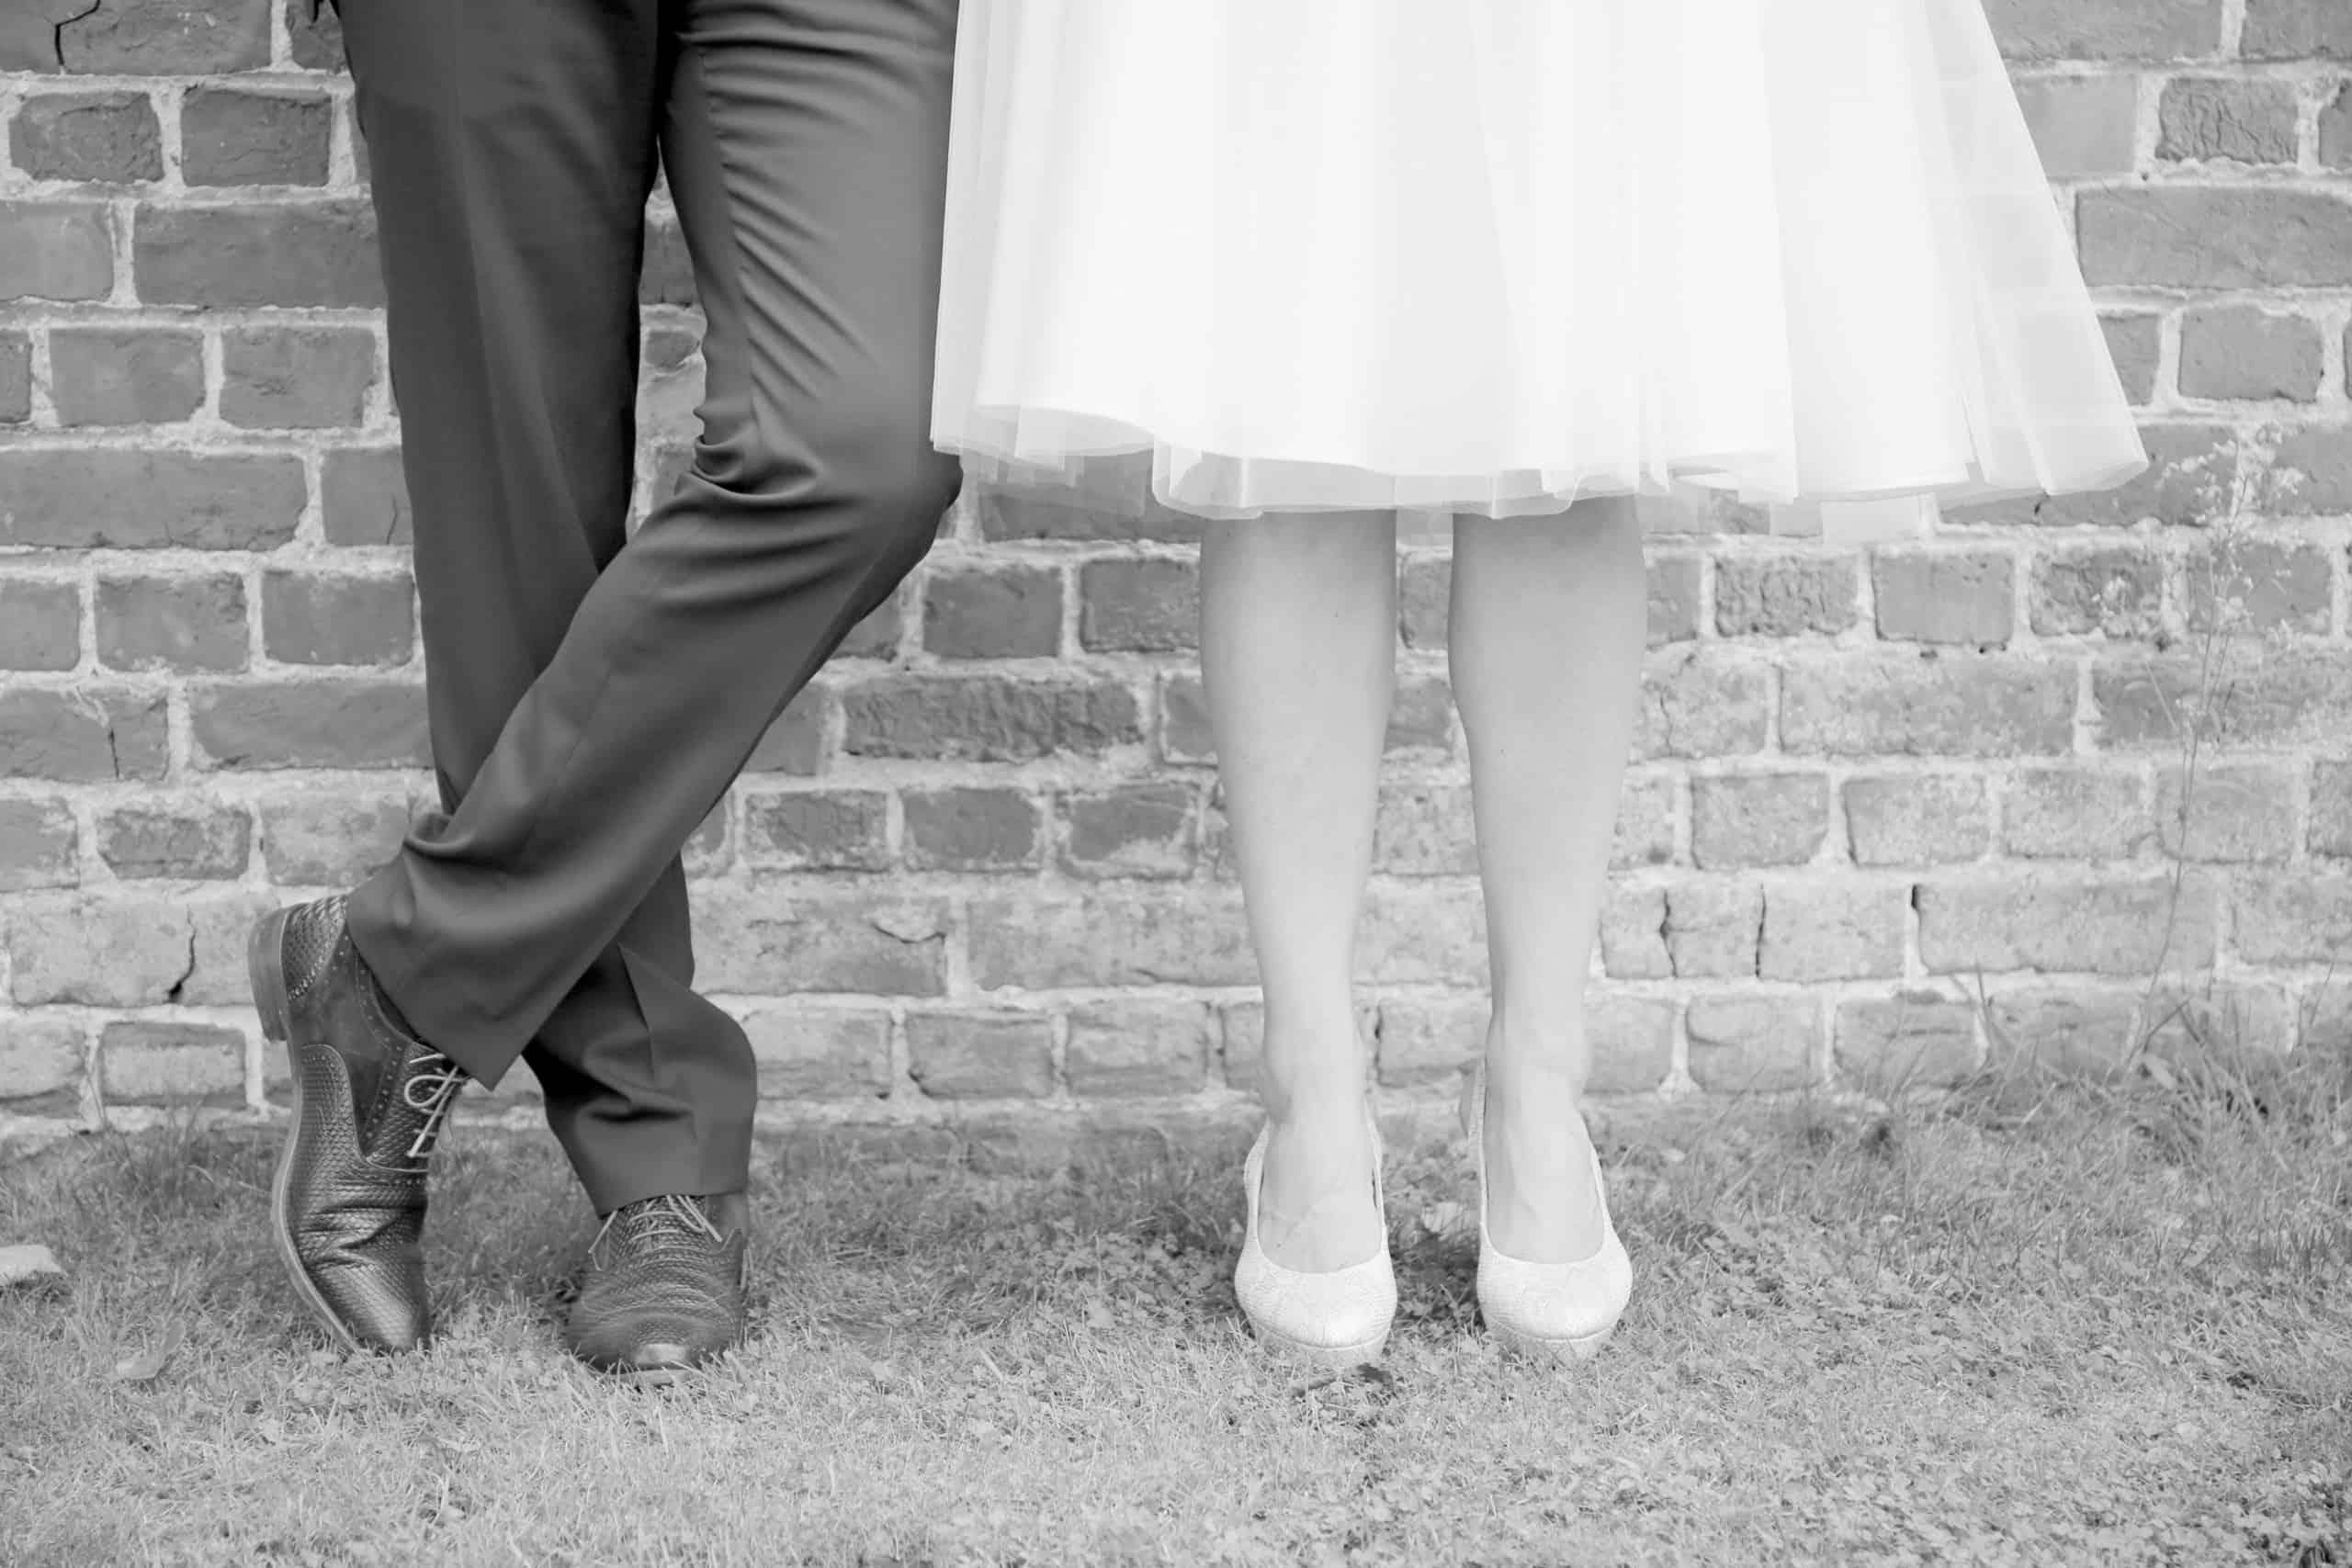 huwelijksfotograaf zwart wit foto